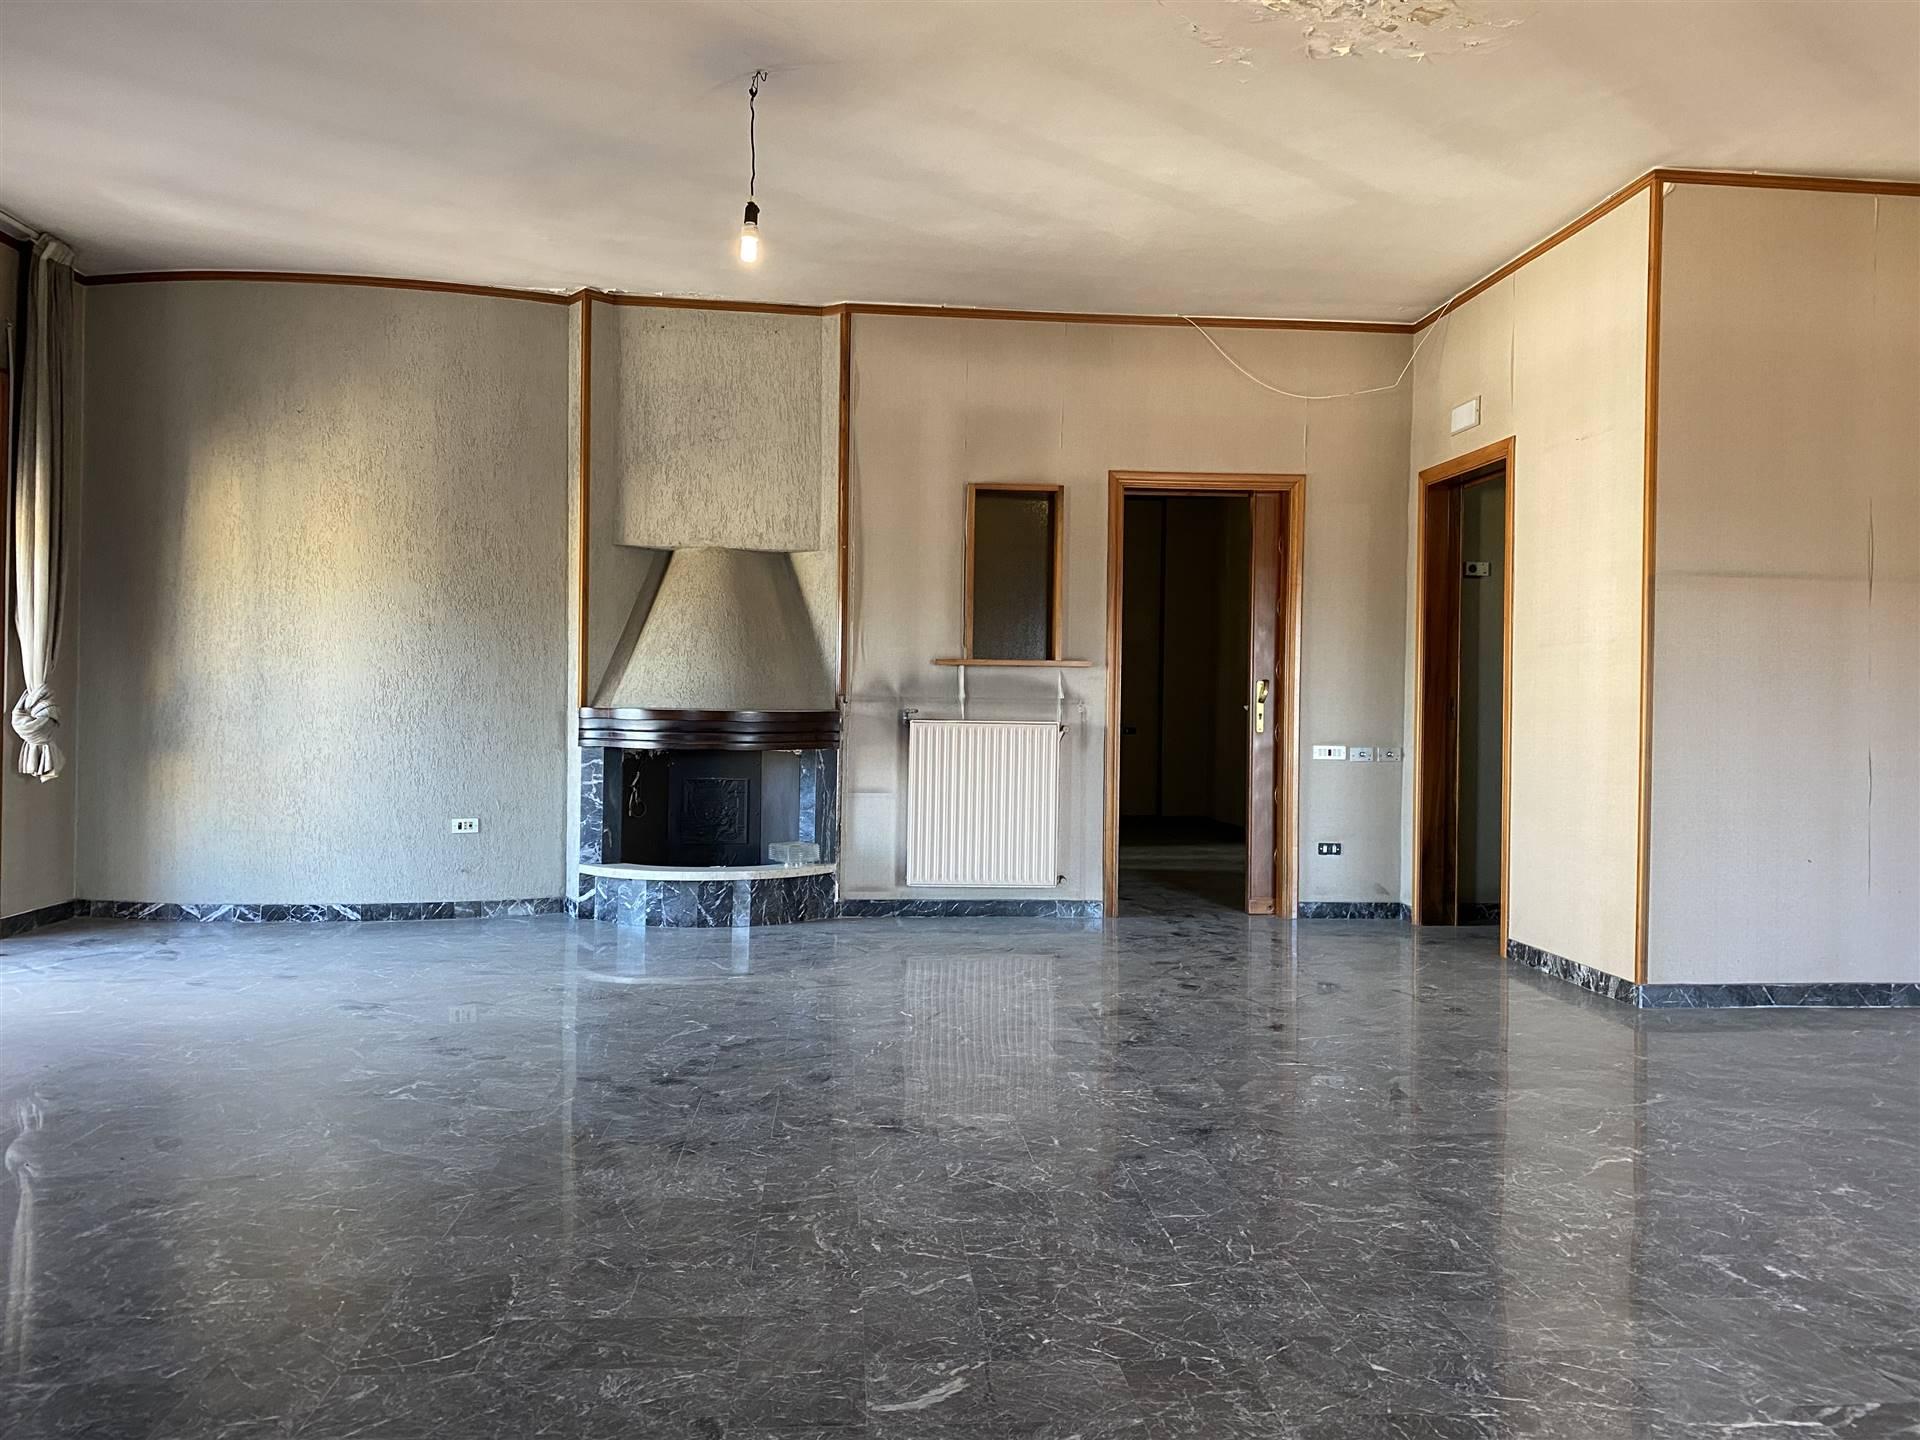 Appartamento in vendita a Nola, 8 locali, prezzo € 390.000 | CambioCasa.it